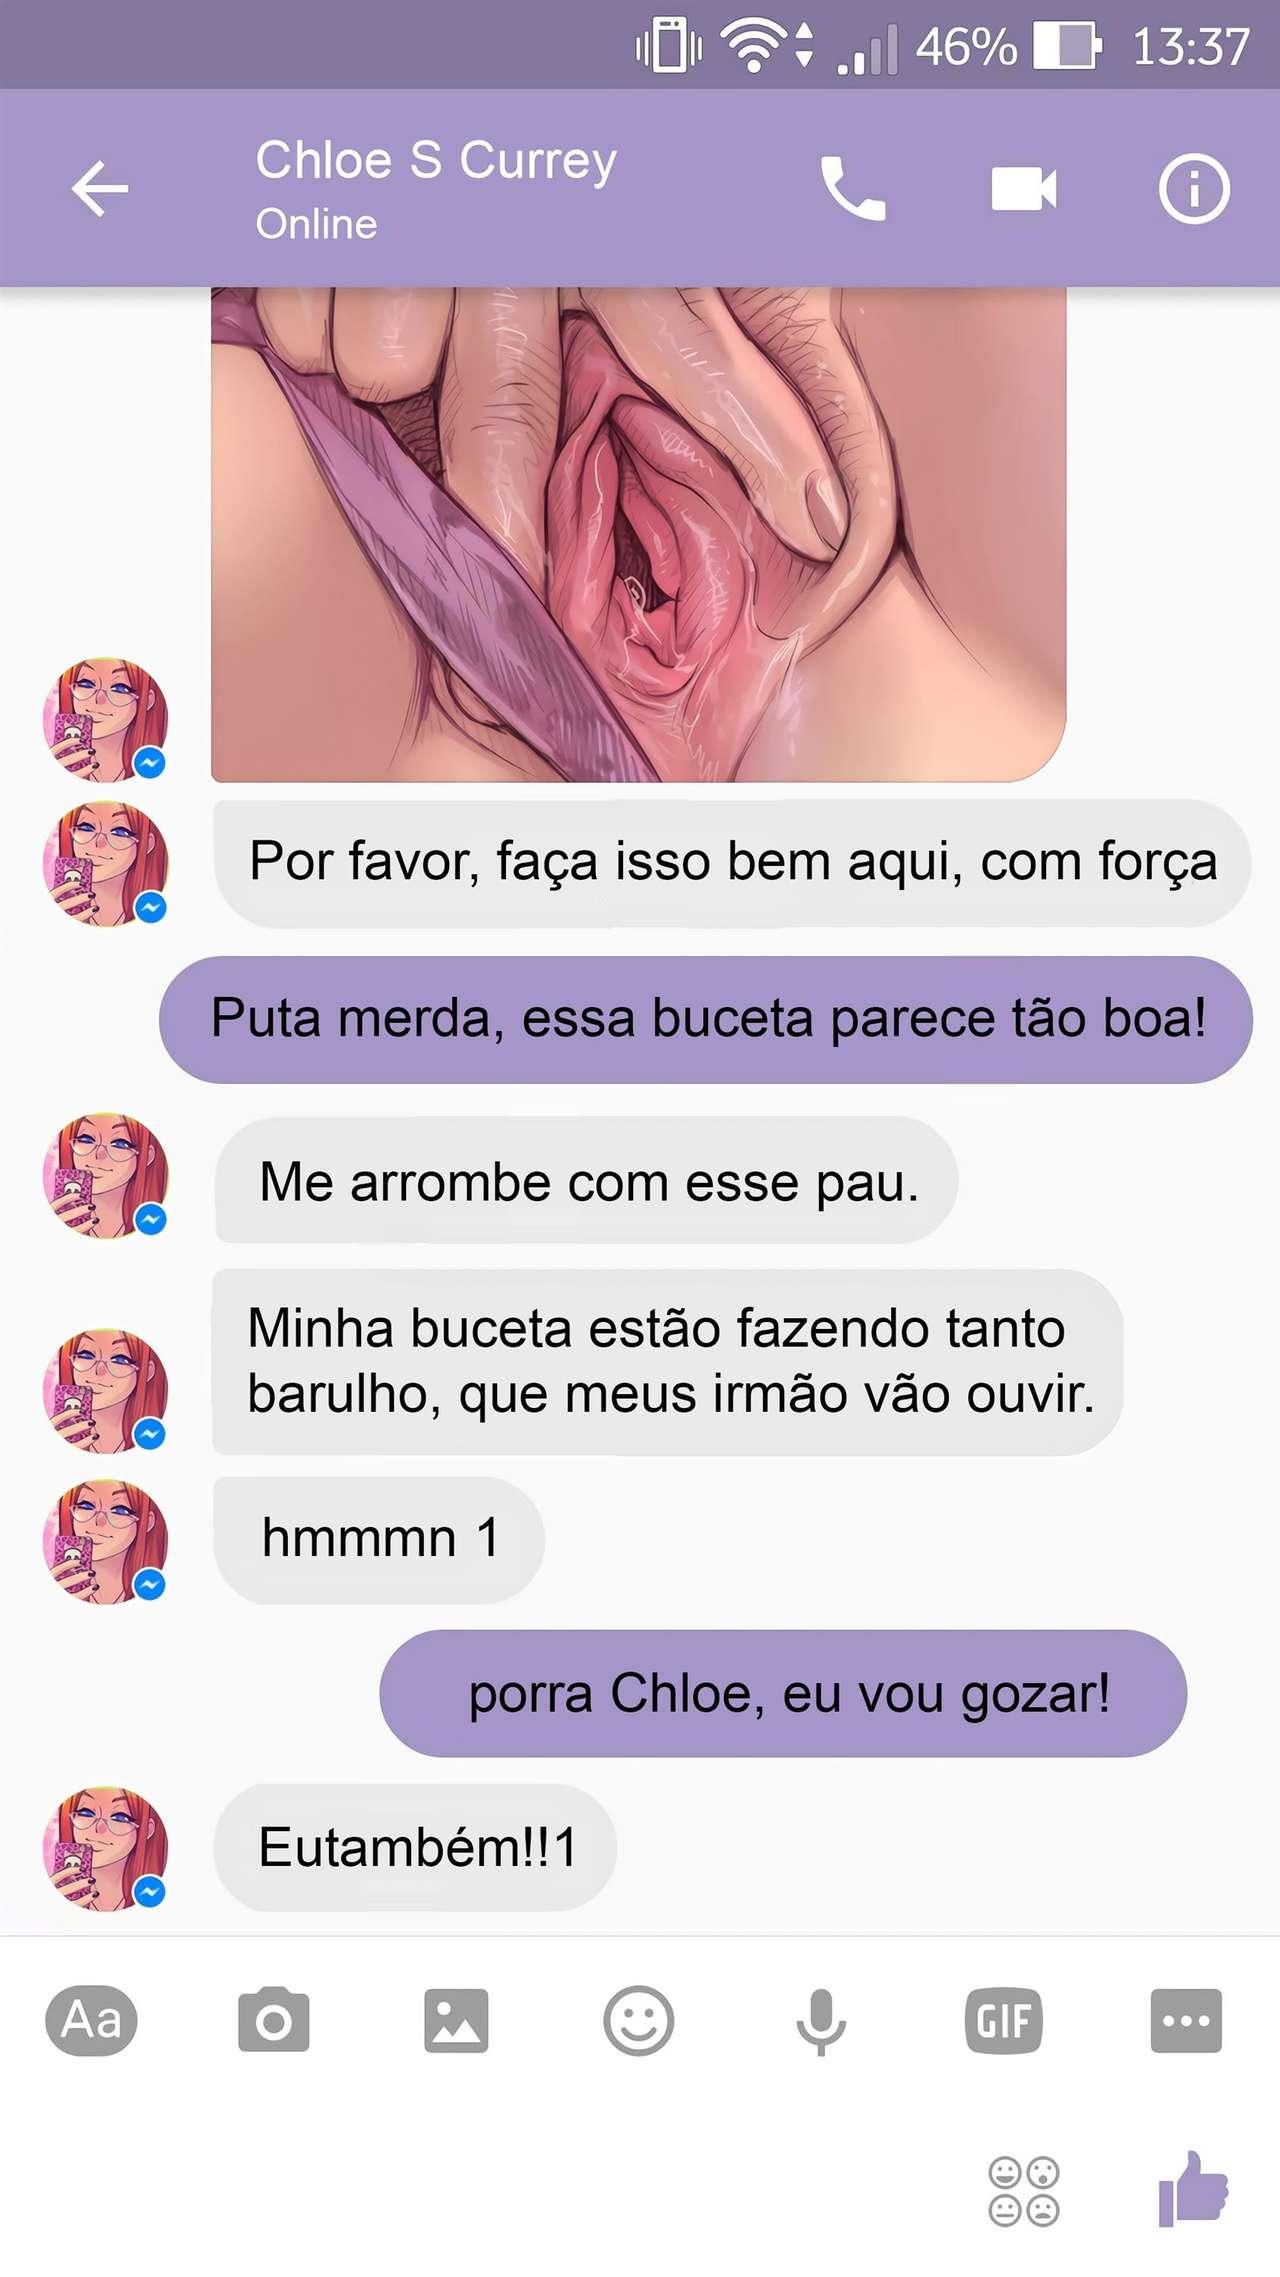 Uma Conversa Com a Chloe